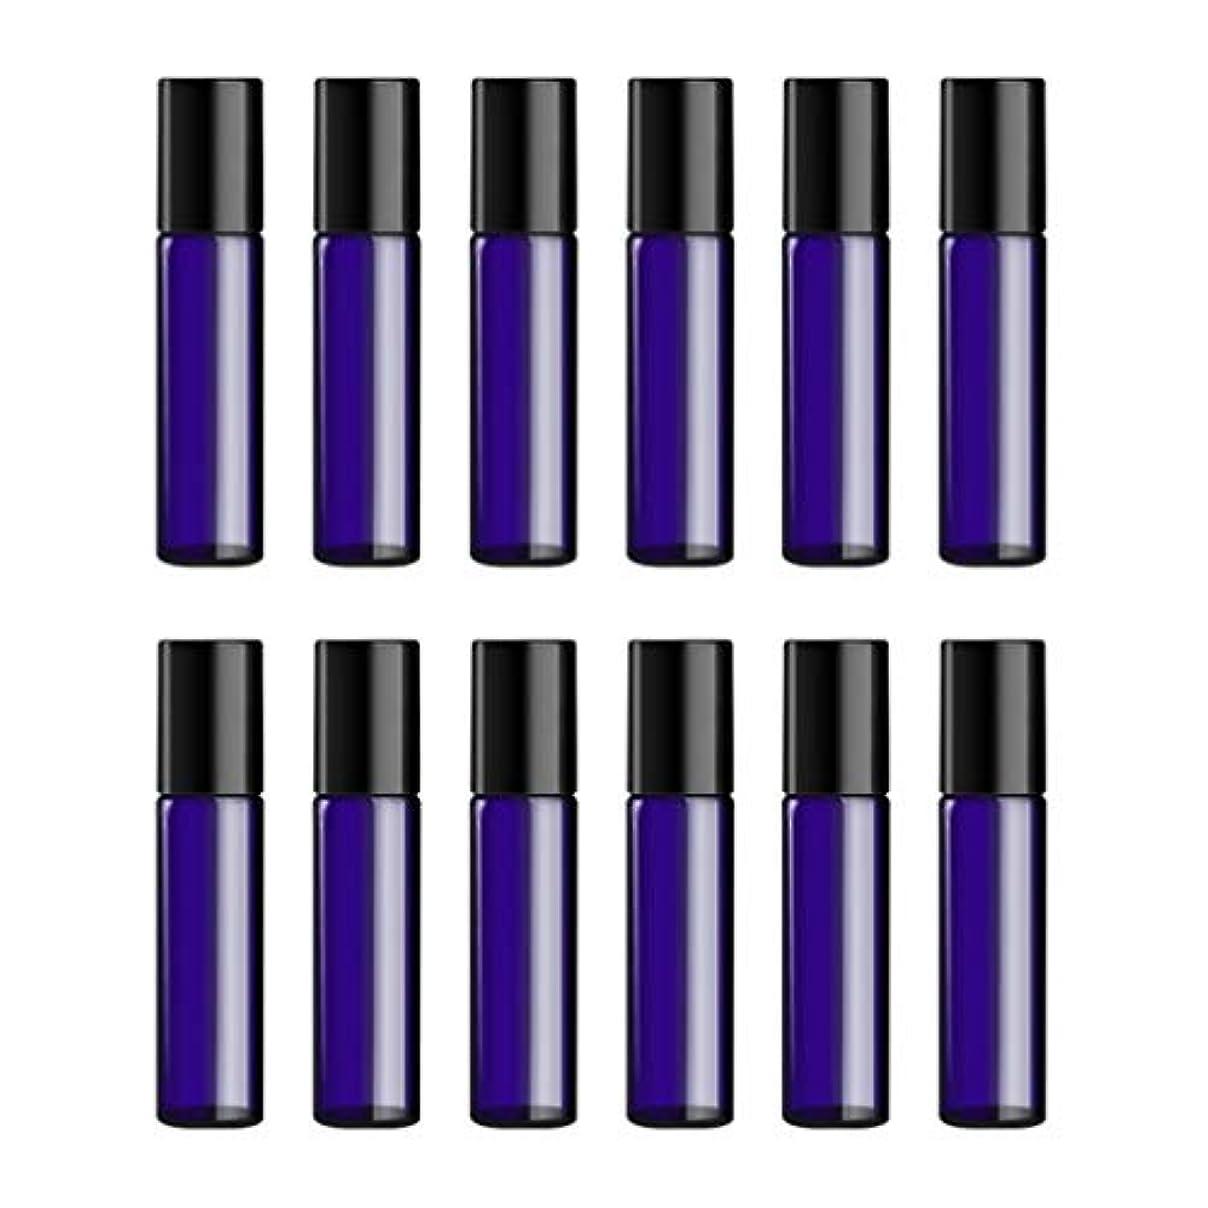 連合ロープラウズLurrose ボトルのロール旅行旅行 精油 小分け用 詰め替えローラーボールエッセンシャルオイル 精油ローラーボトルガラス香水瓶 10mlの12PCS 青